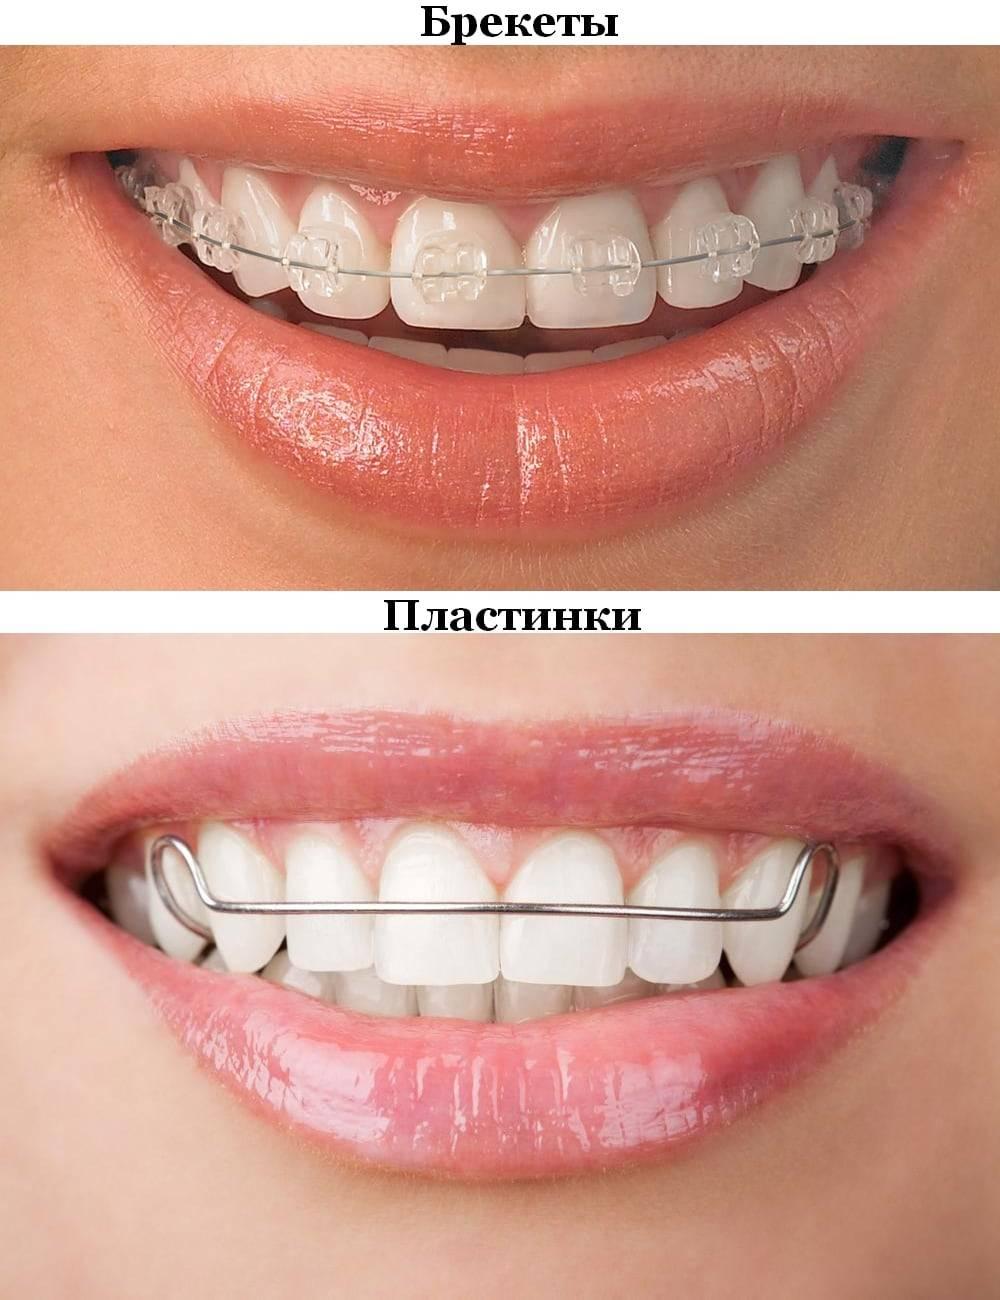 Что лучше брекеты или пластины — чем отличаются зубные конструкции